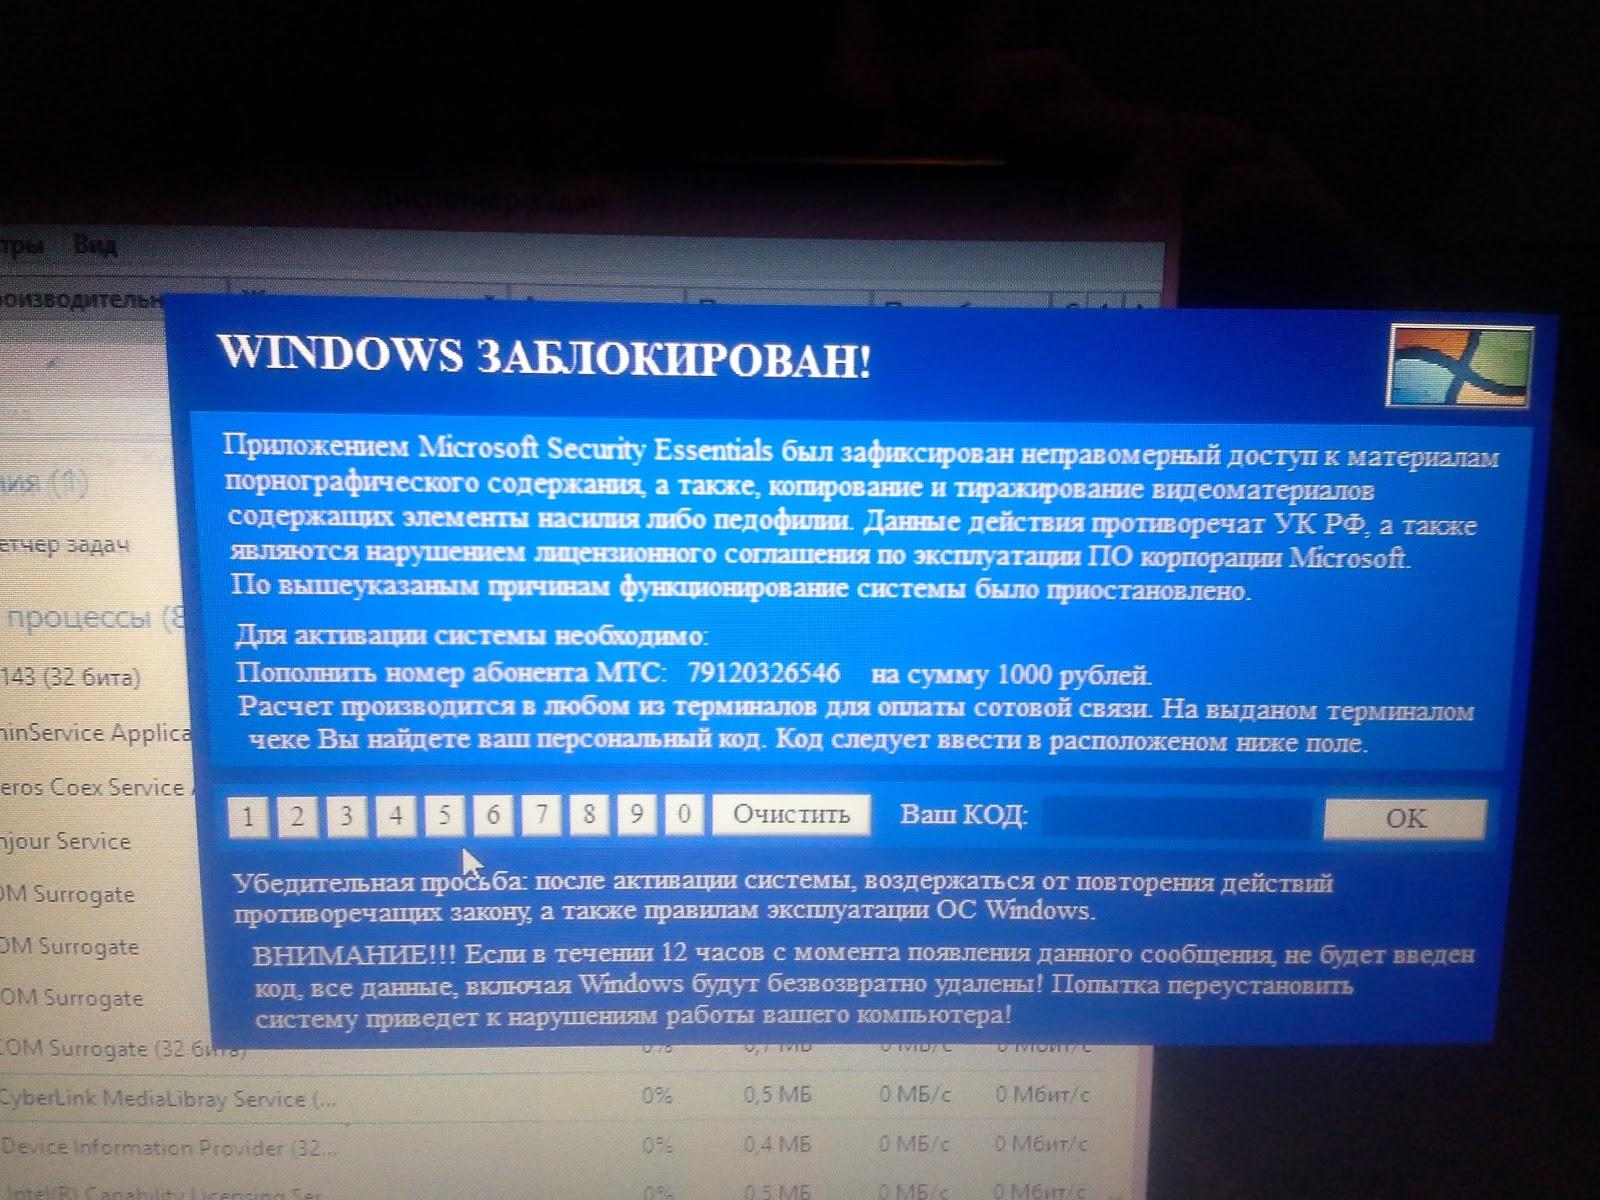 Виндовс 7 порнография 1000 рублей